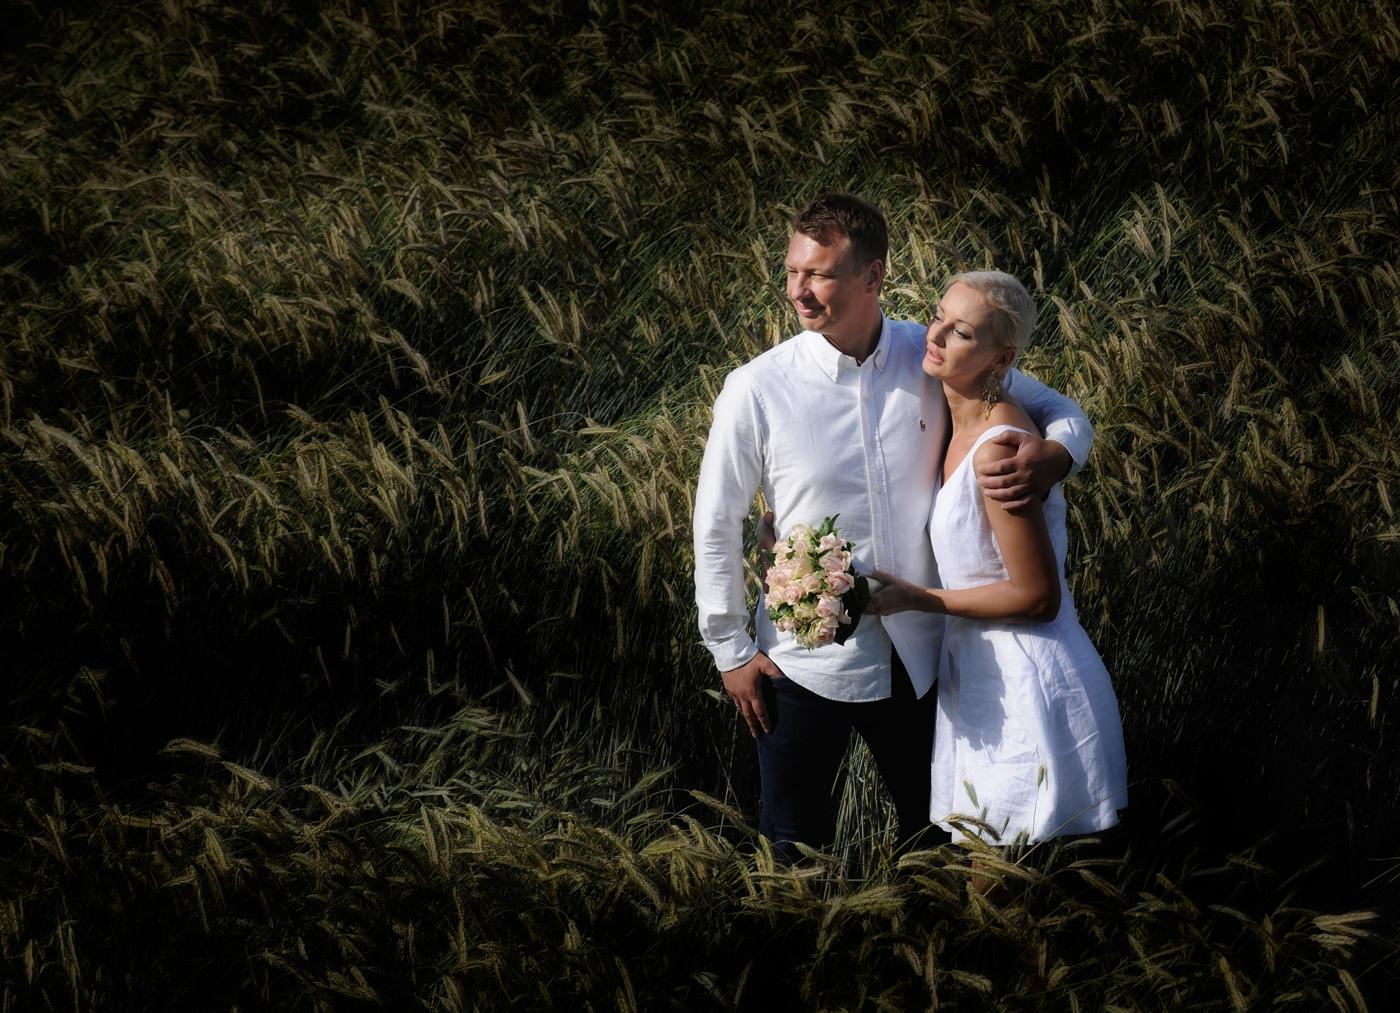 Brudepar i kornmark ved studiet